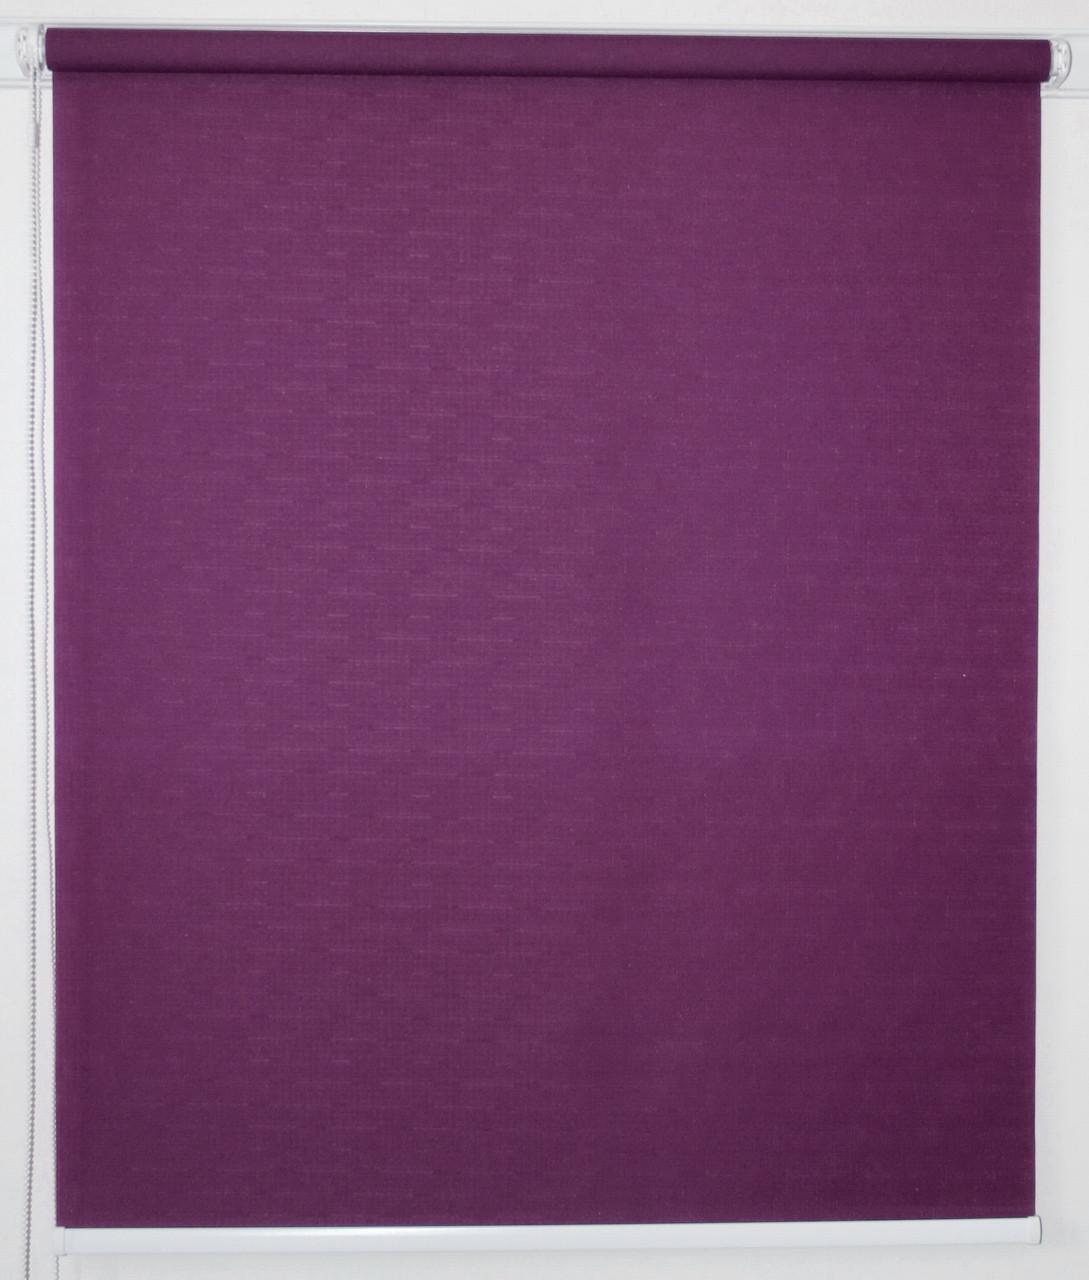 Рулонная штора 1400*1500 Ткань Лён 613 Фиолетовый